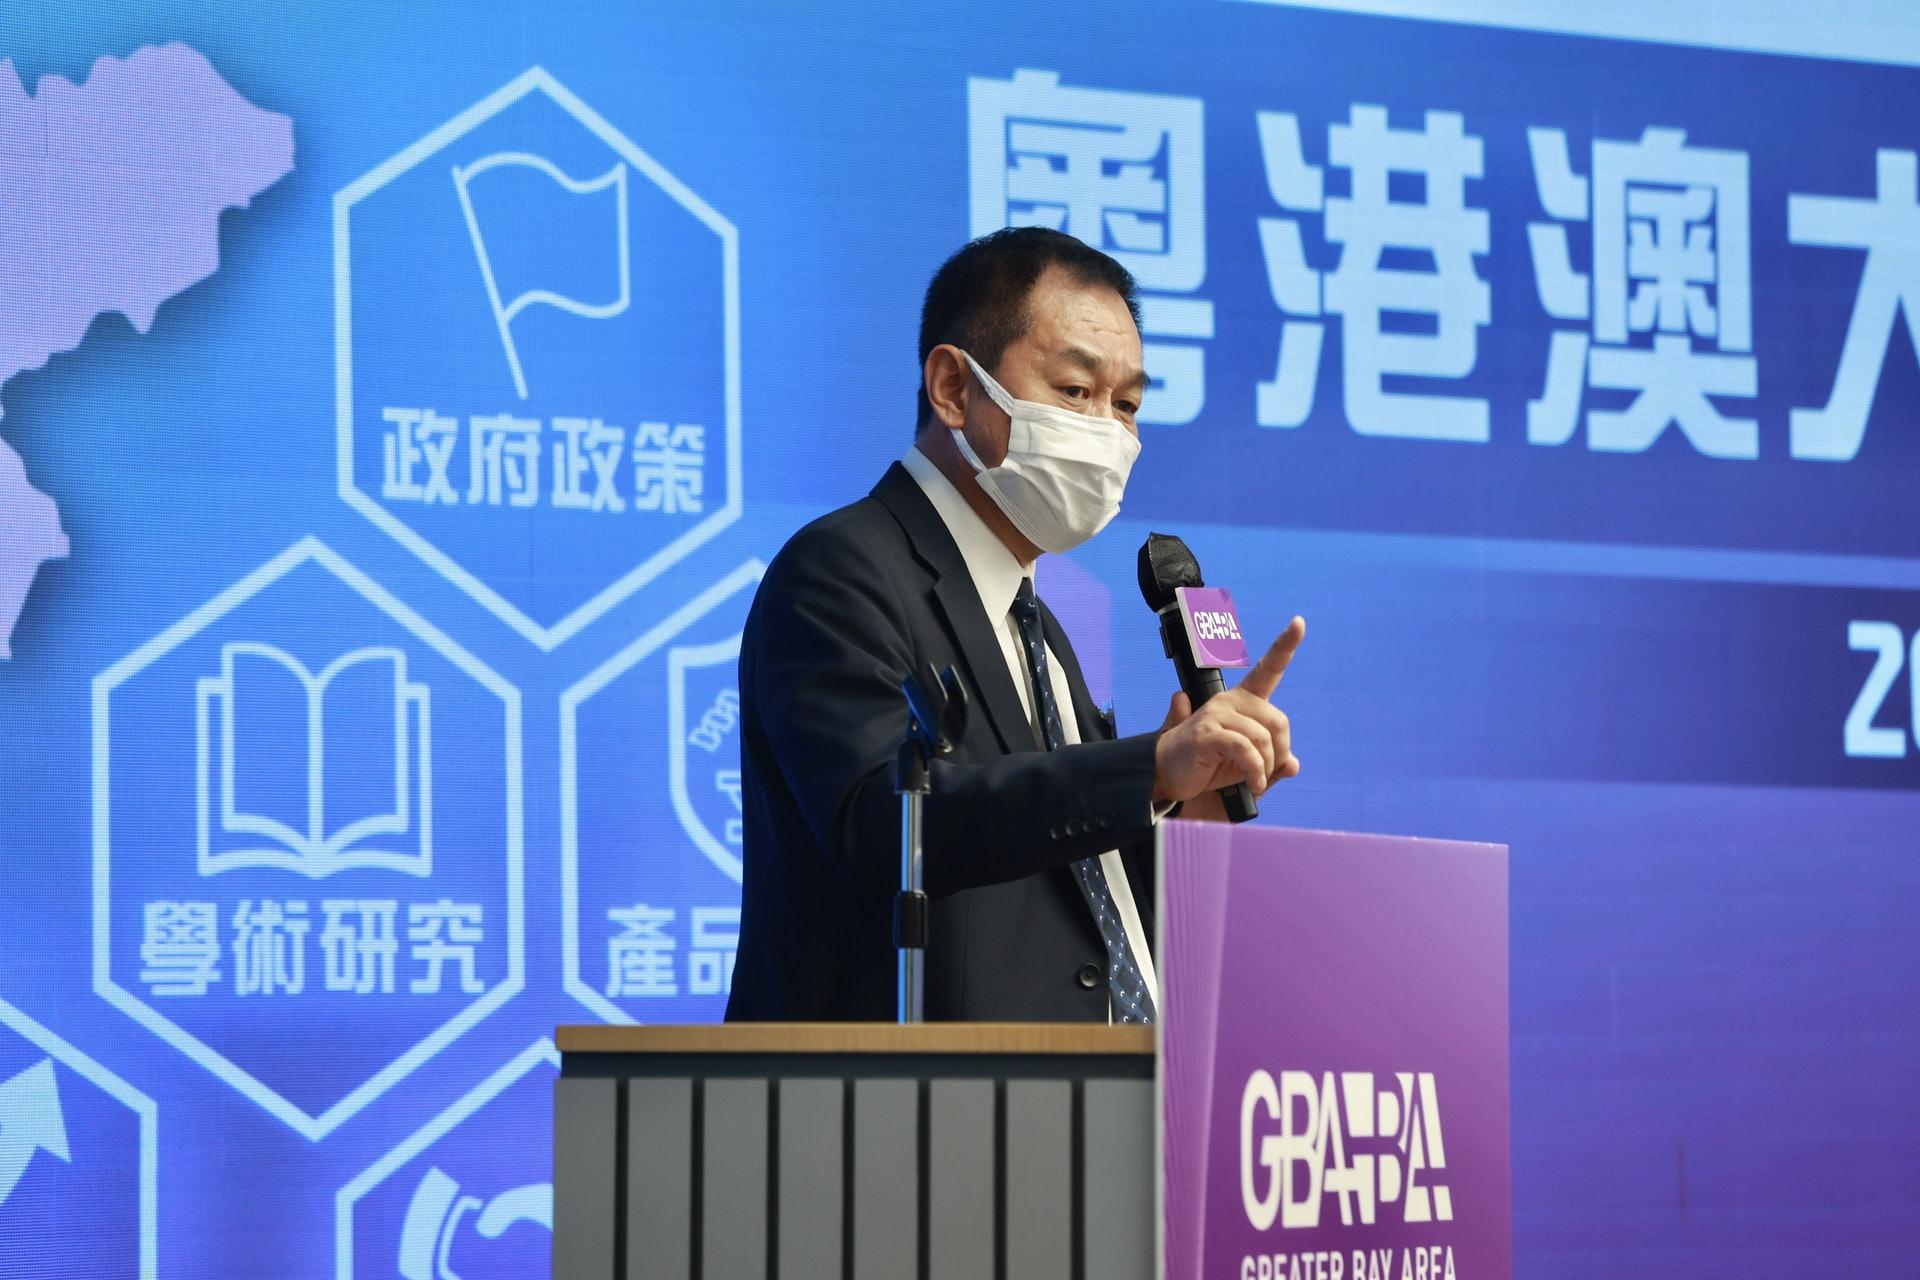 香港檢測和認證局主席于常海稱,國家提出建立香港國際創科中心的定位清晰,香港具科研及國際聯繫的優勢。(黃寶瑩攝)